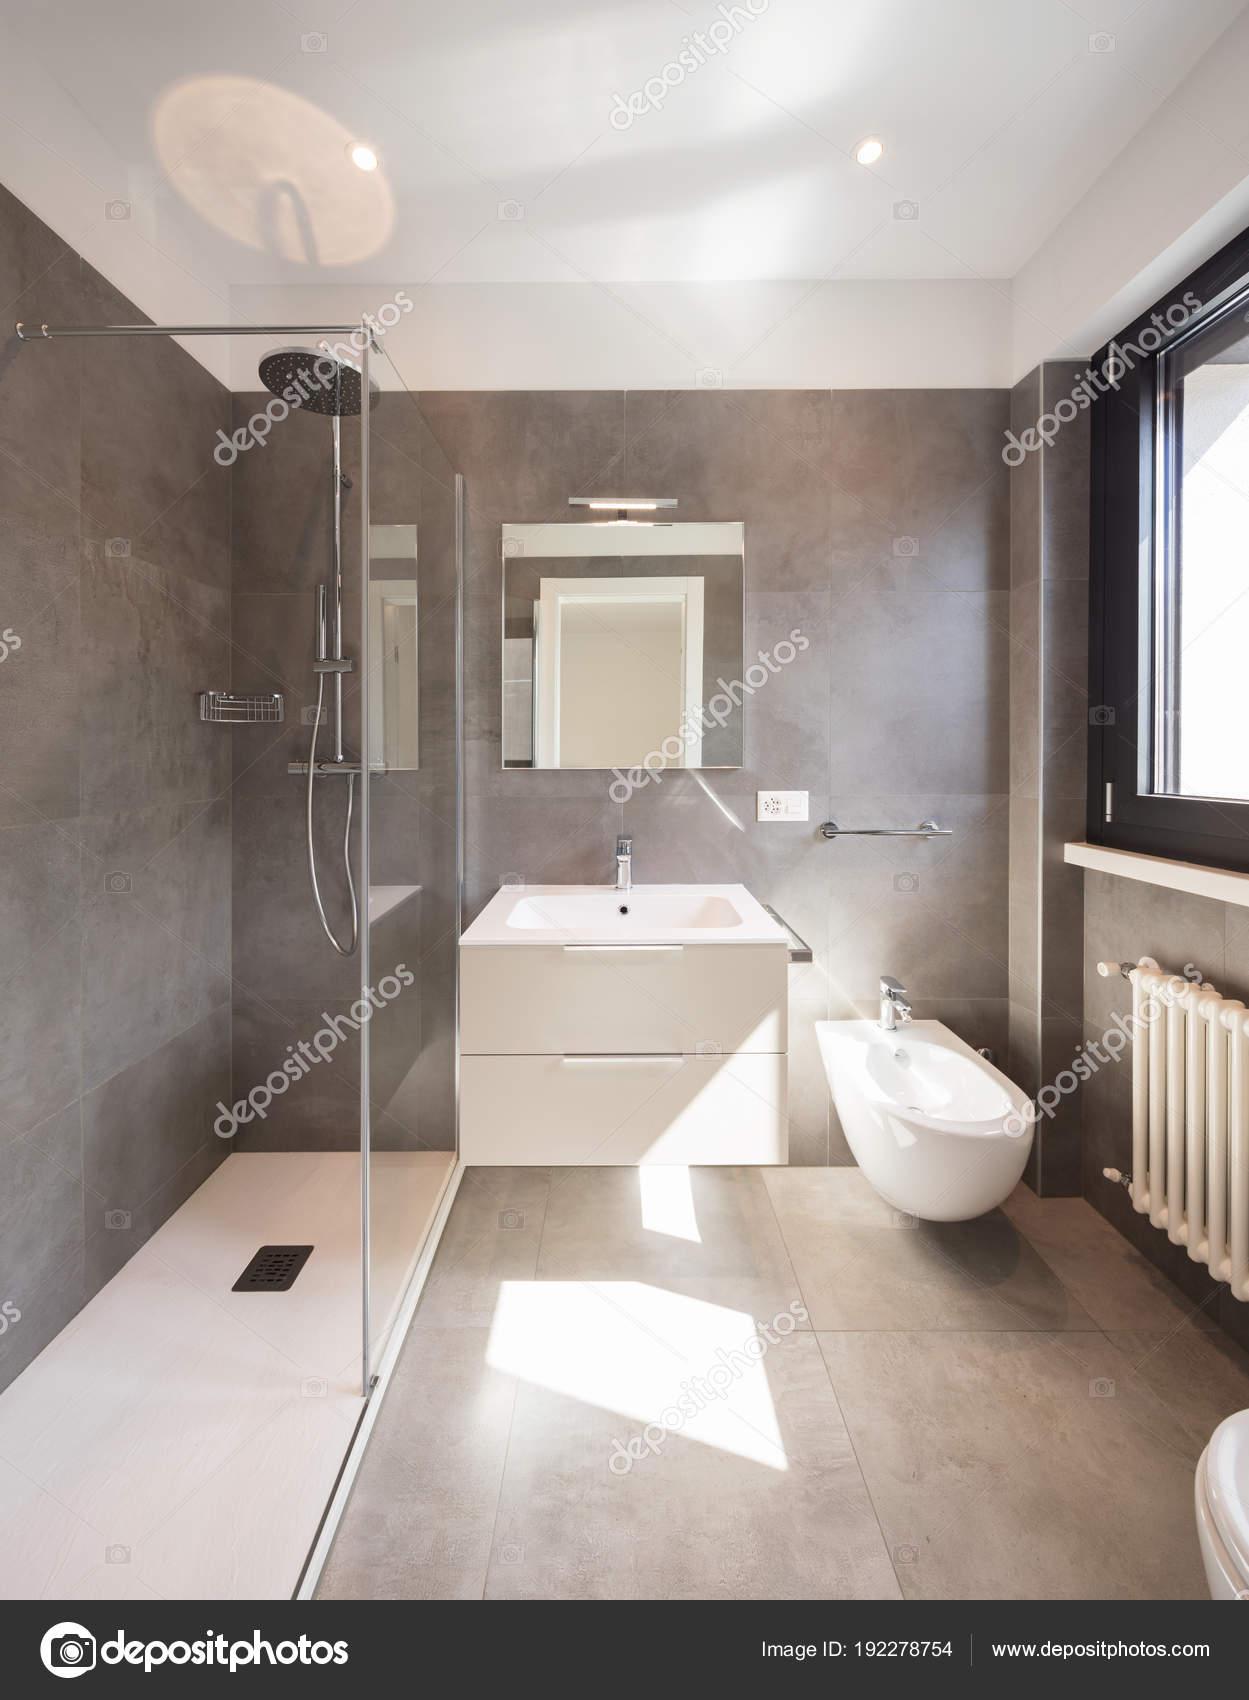 Modernes Bad mit großen Fliesen — Stockfoto © Zveiger #192278754